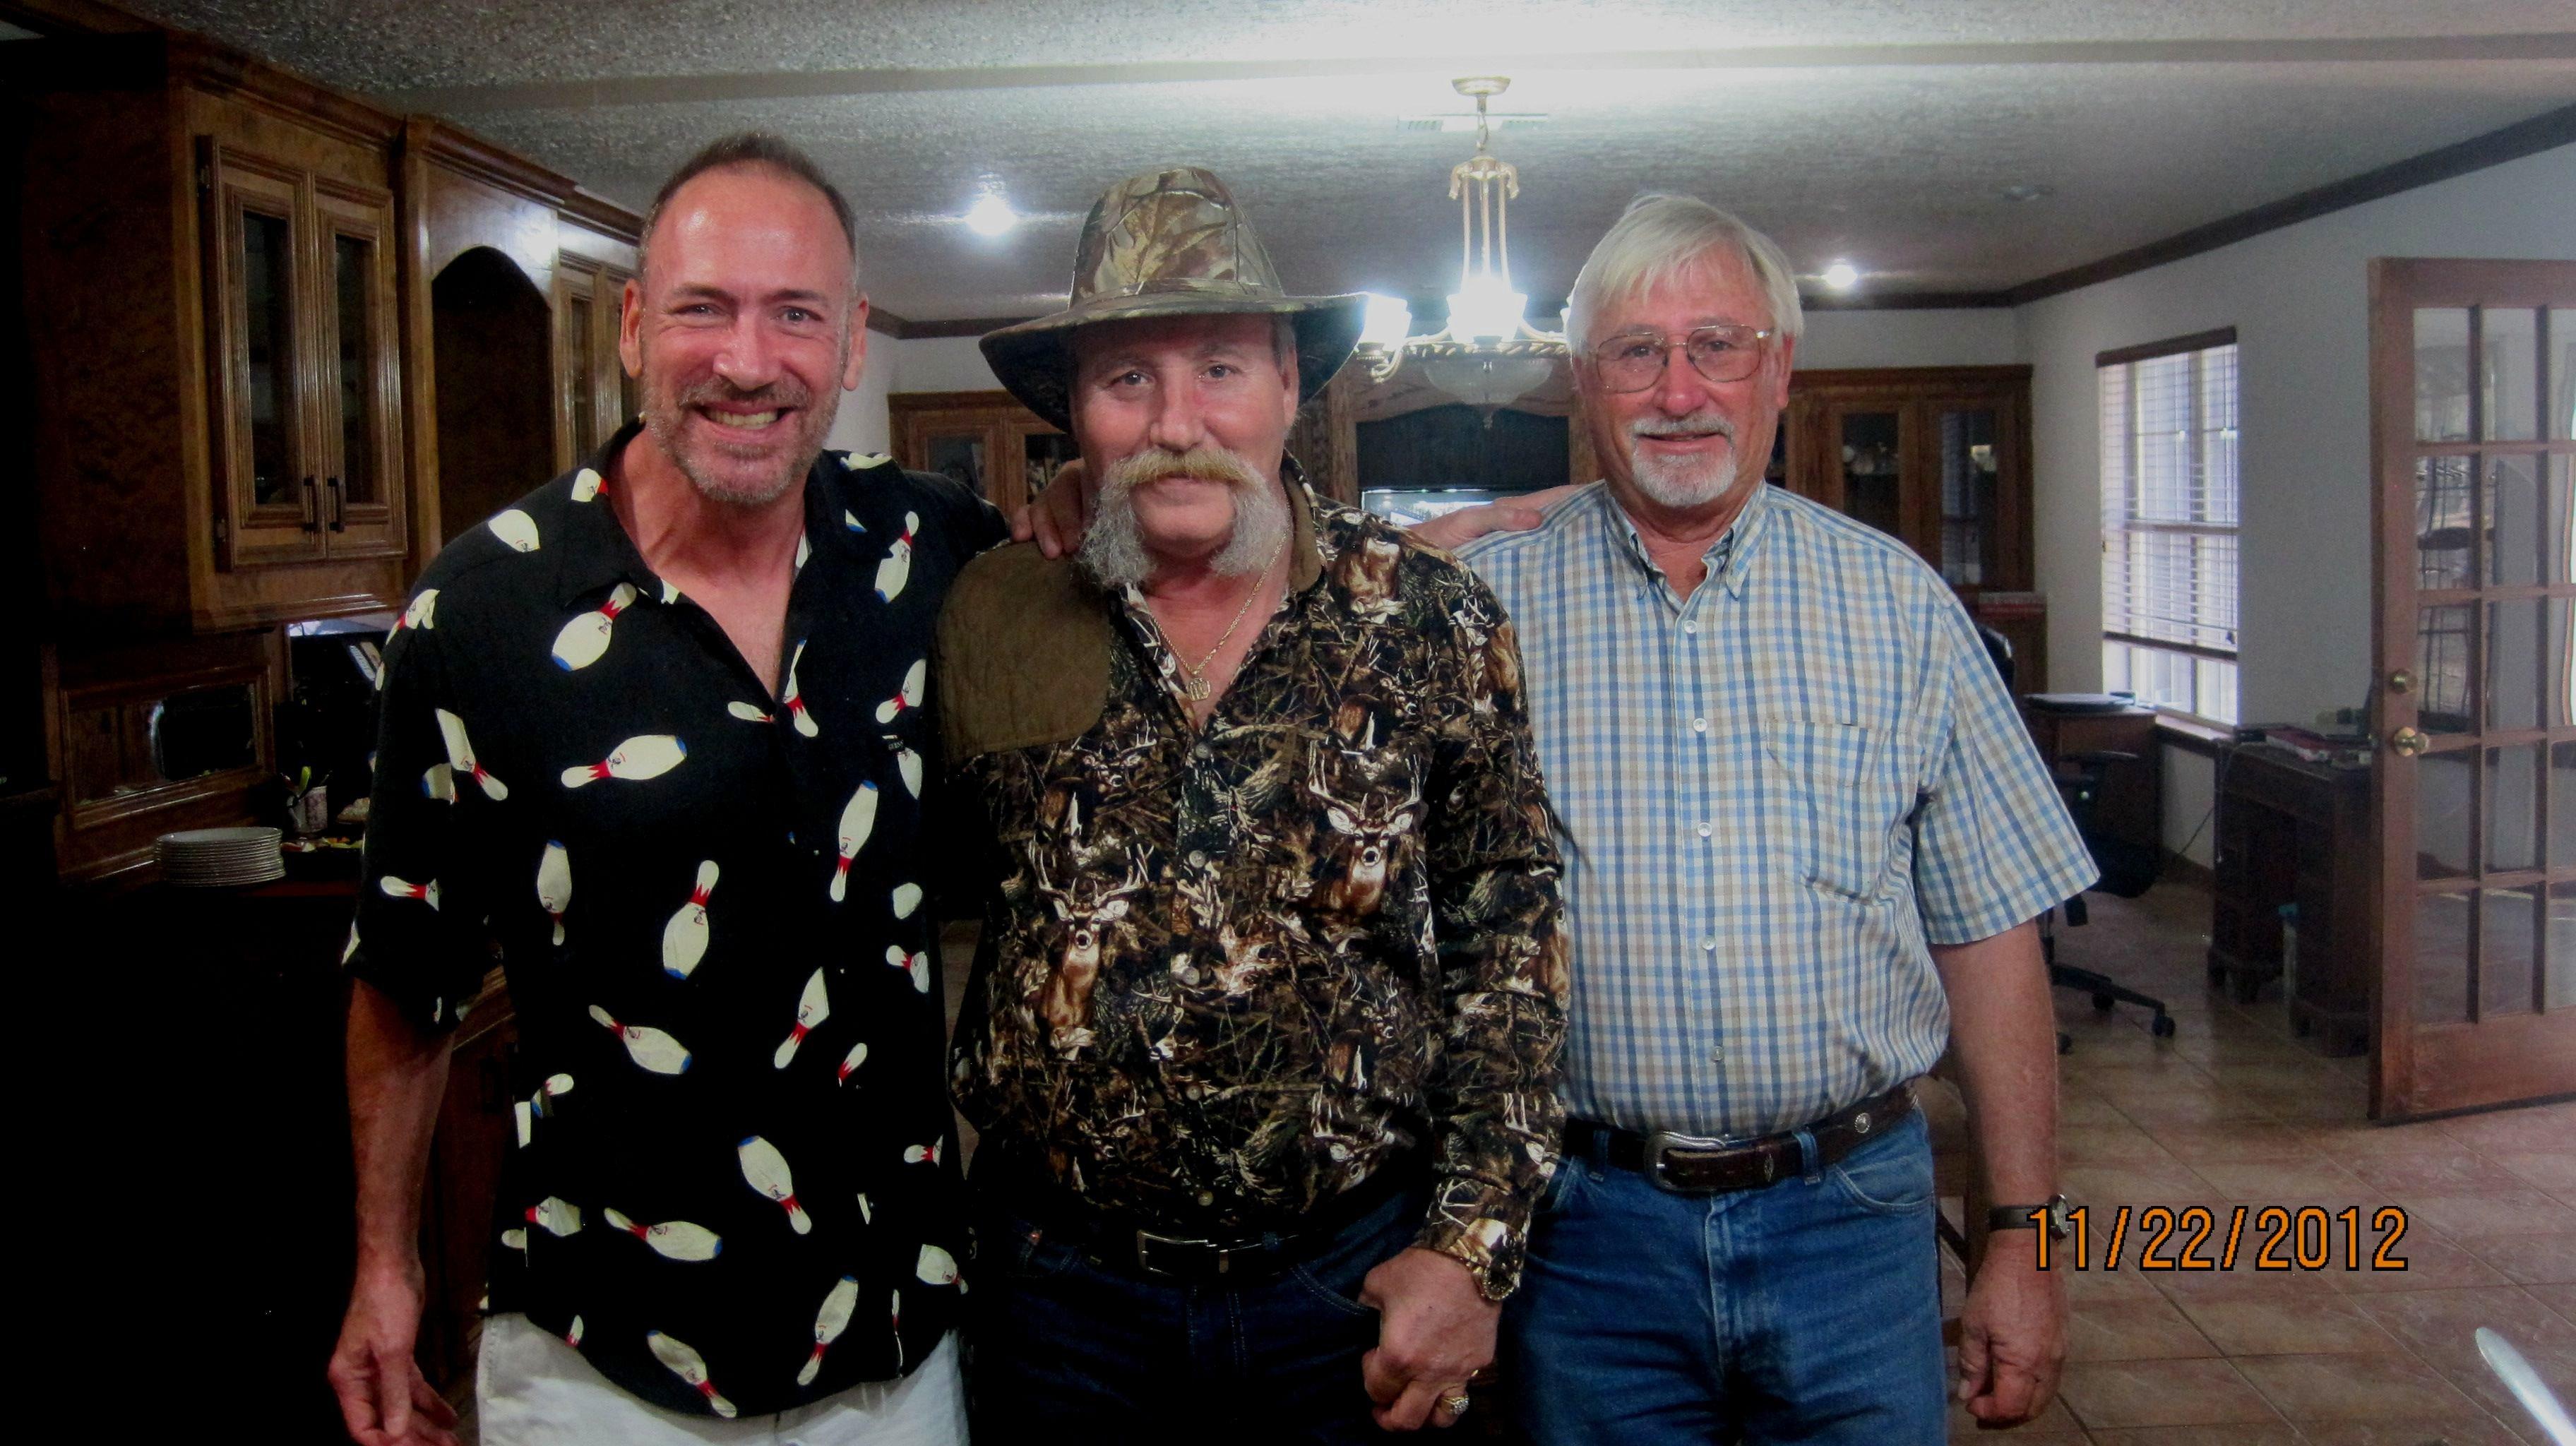 Scott, Joe and Brian